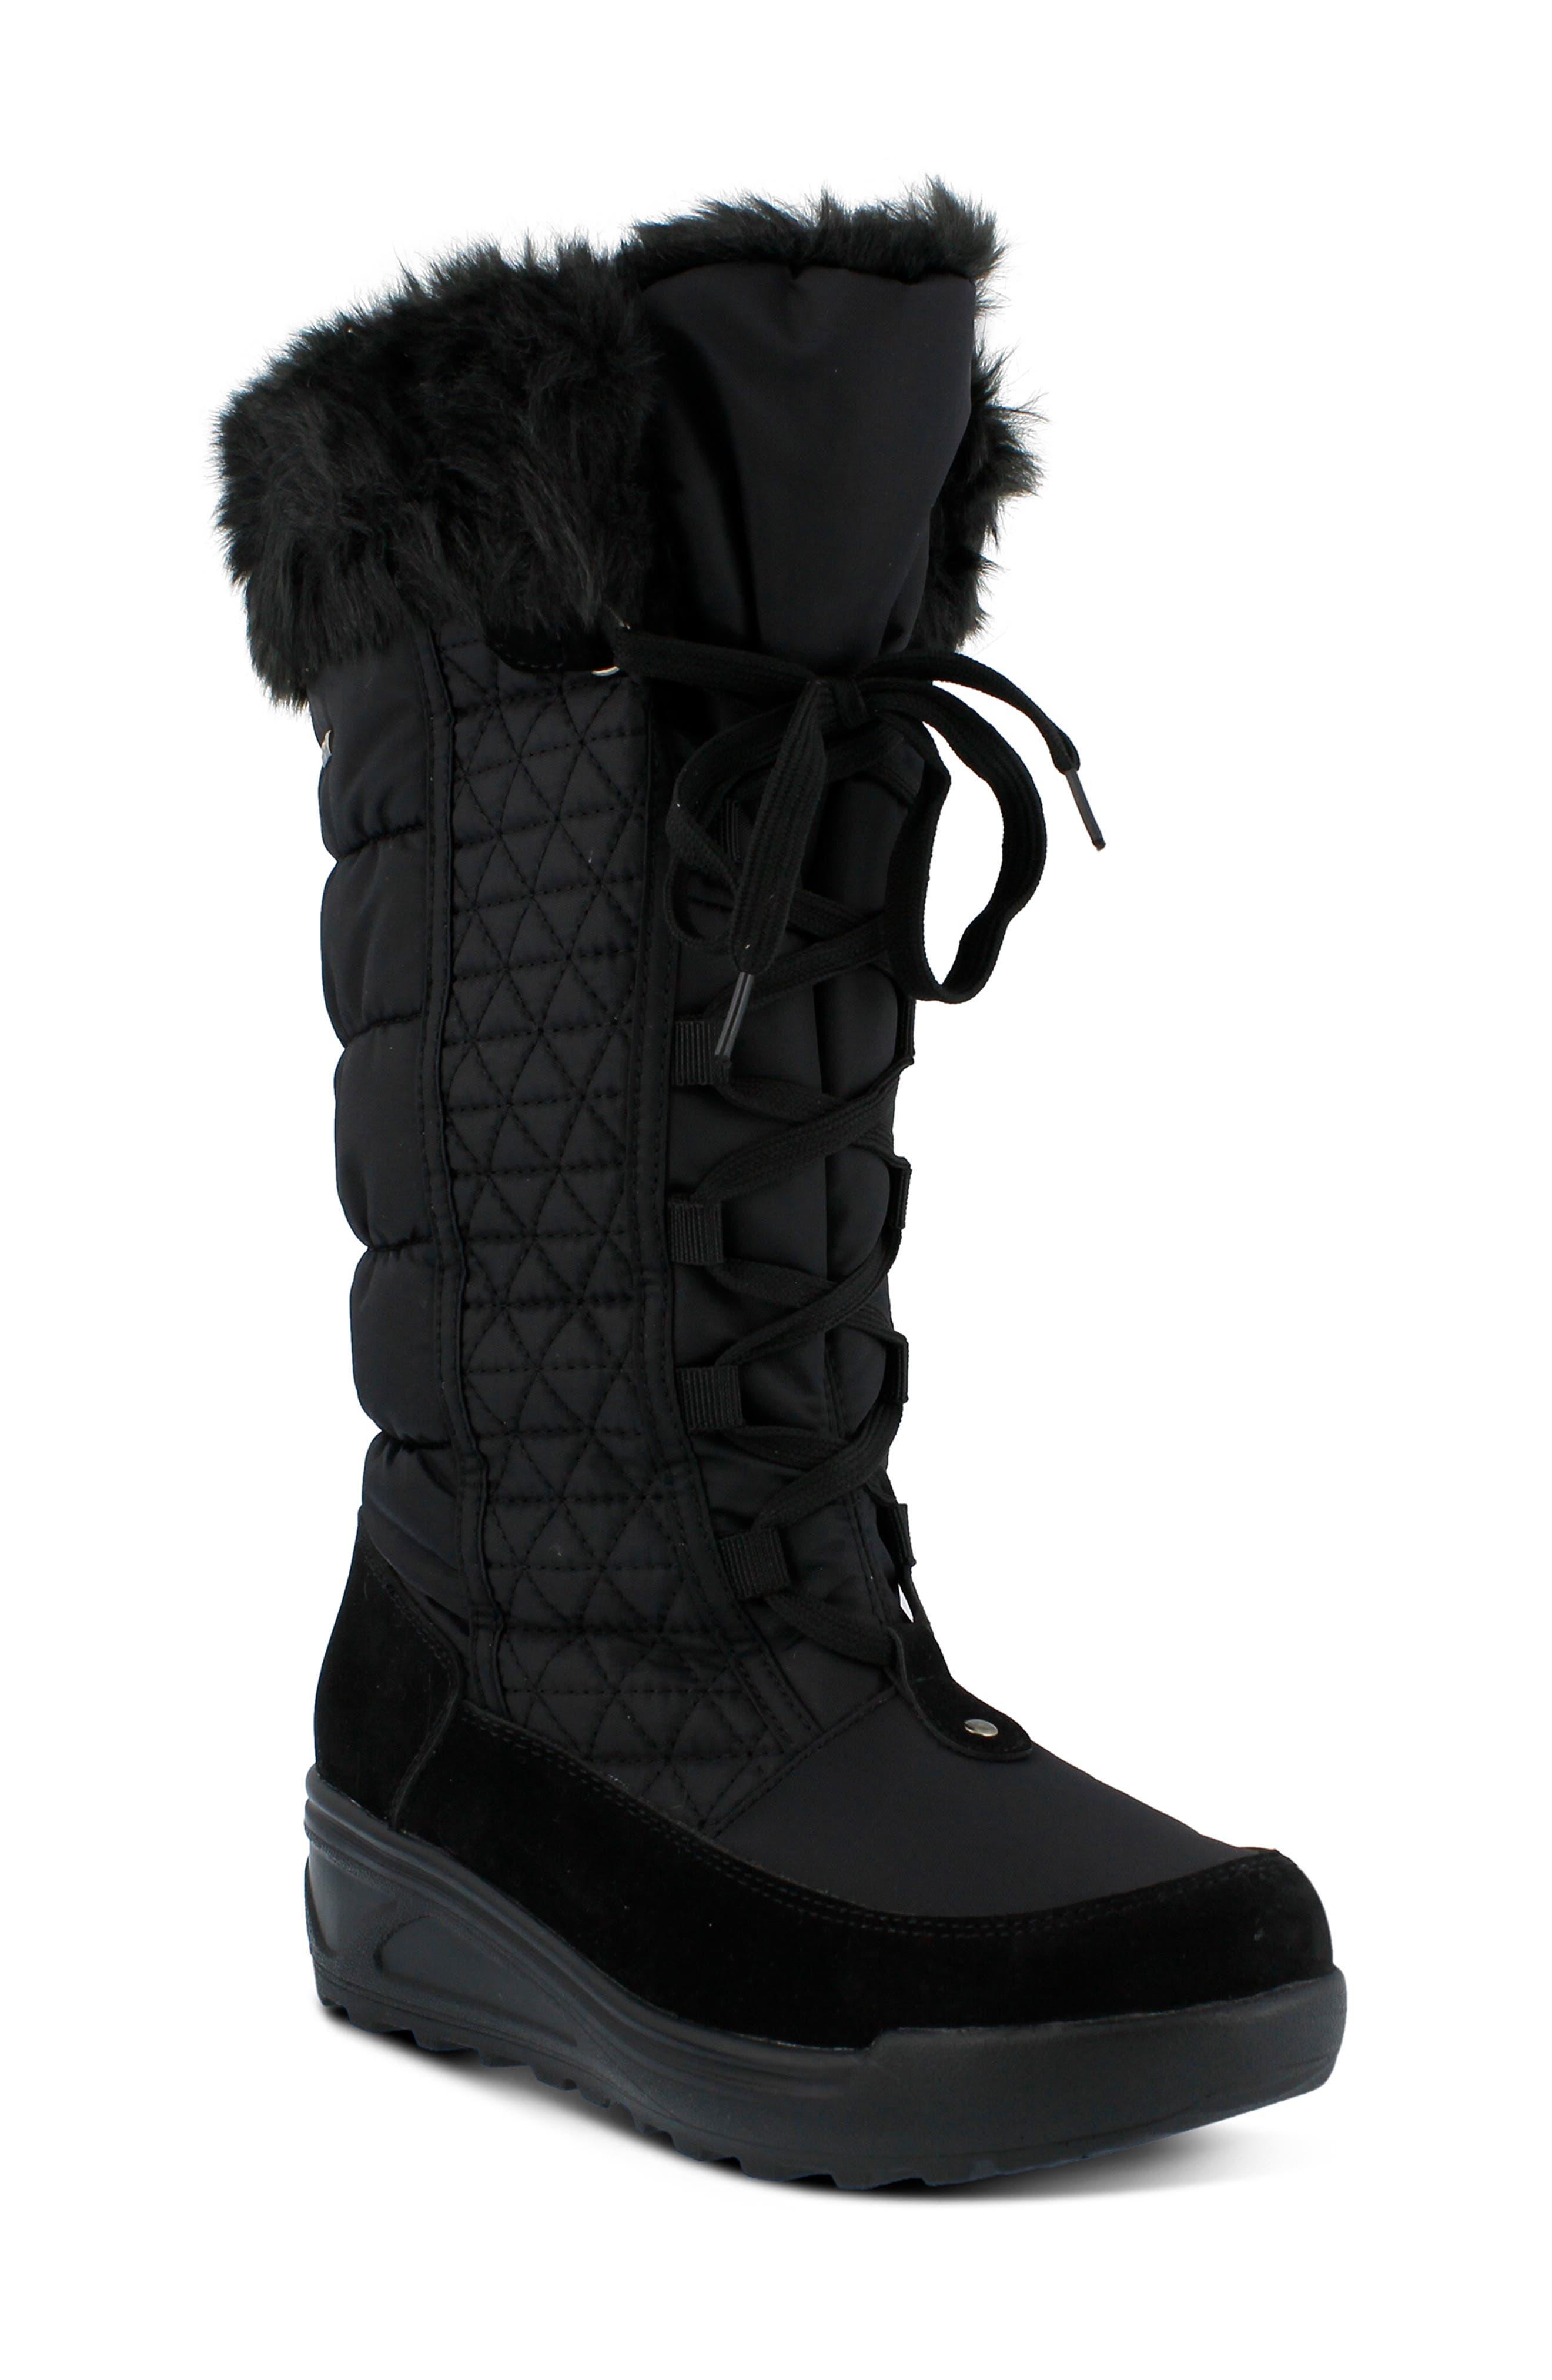 Spring Step Fotios Waterproof Faux Fur Boot - Black